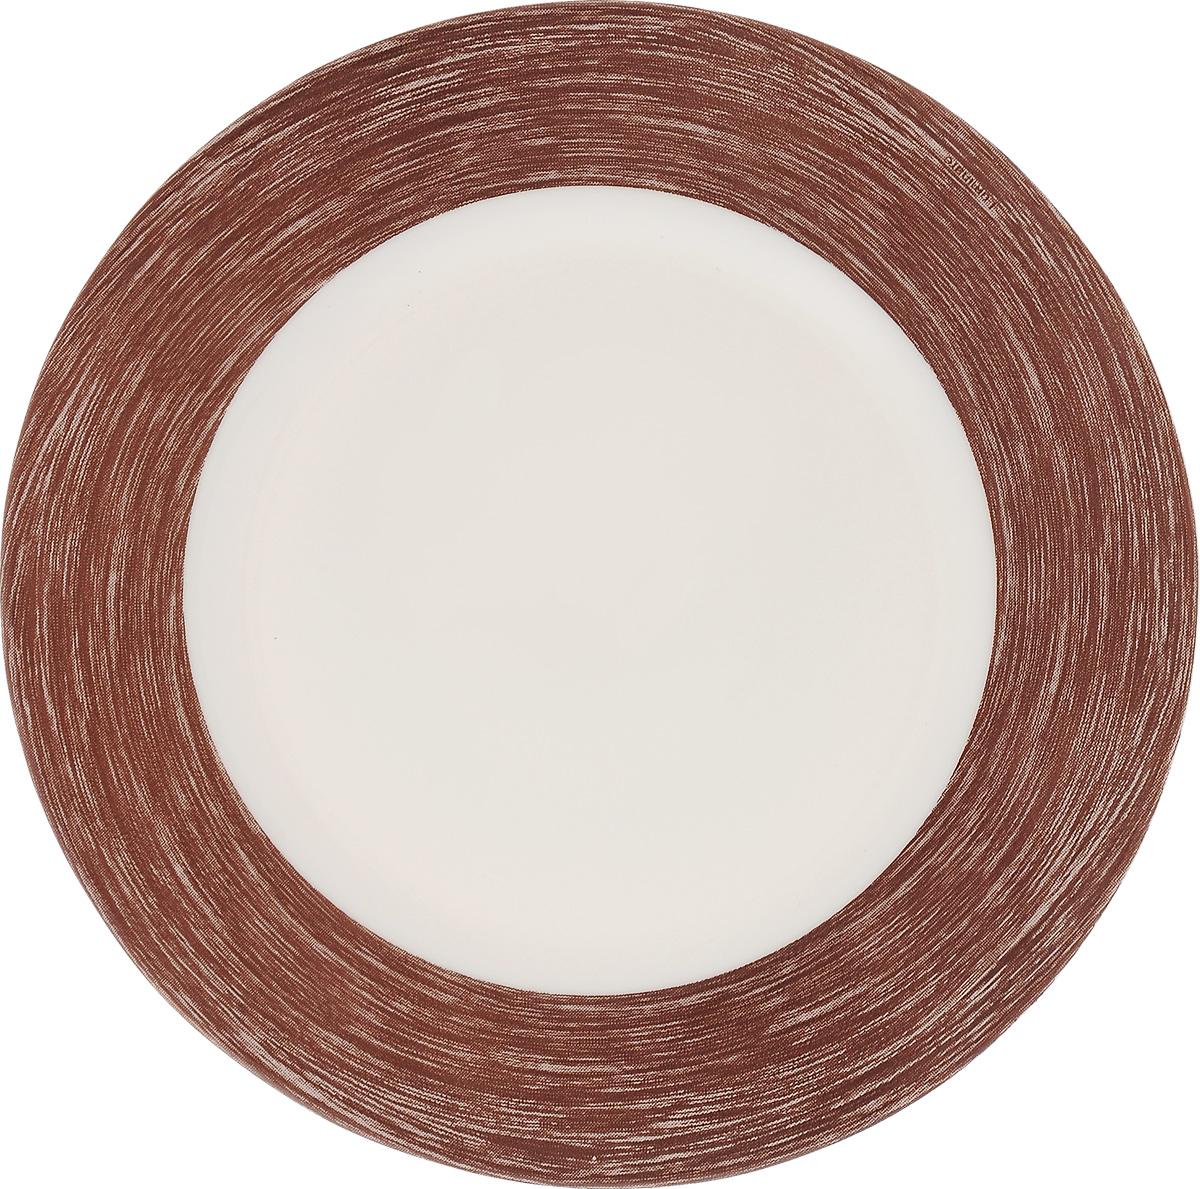 Тарелка десертная Luminarc Color Days Chocolate, 19 см115510Десертная тарелка Luminarc Color Days Chocolate, изготовленная из ударопрочного стекла, имеет изысканный внешний вид. Такая тарелка прекрасно подходит как для торжественных случаев, так и для повседневного использования. Идеальна для подачи десертов, пирожных, тортов и многого другого. Она прекрасно оформит стол и станет отличным дополнением к вашей коллекции кухонной посуды. Диаметр тарелки (по верхнему краю): 19 см.